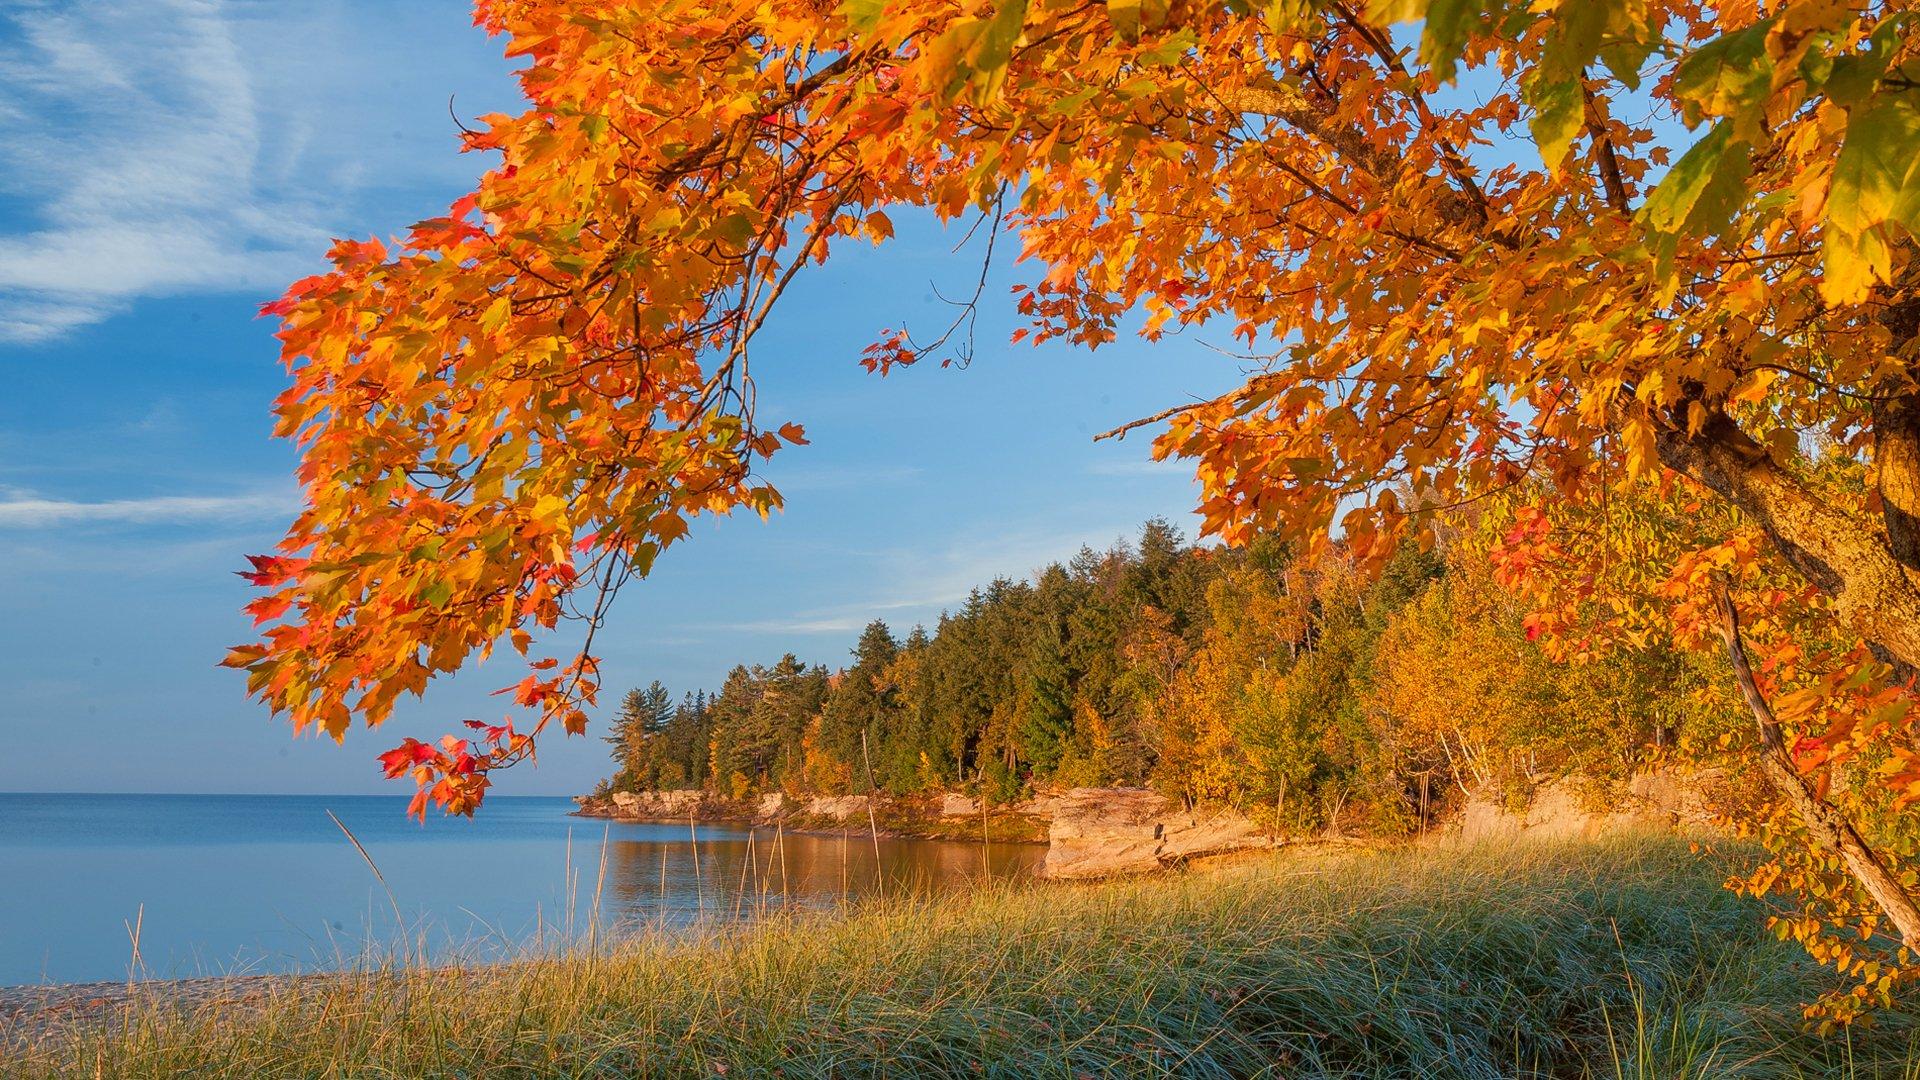 осень озеро деревья листья скачать